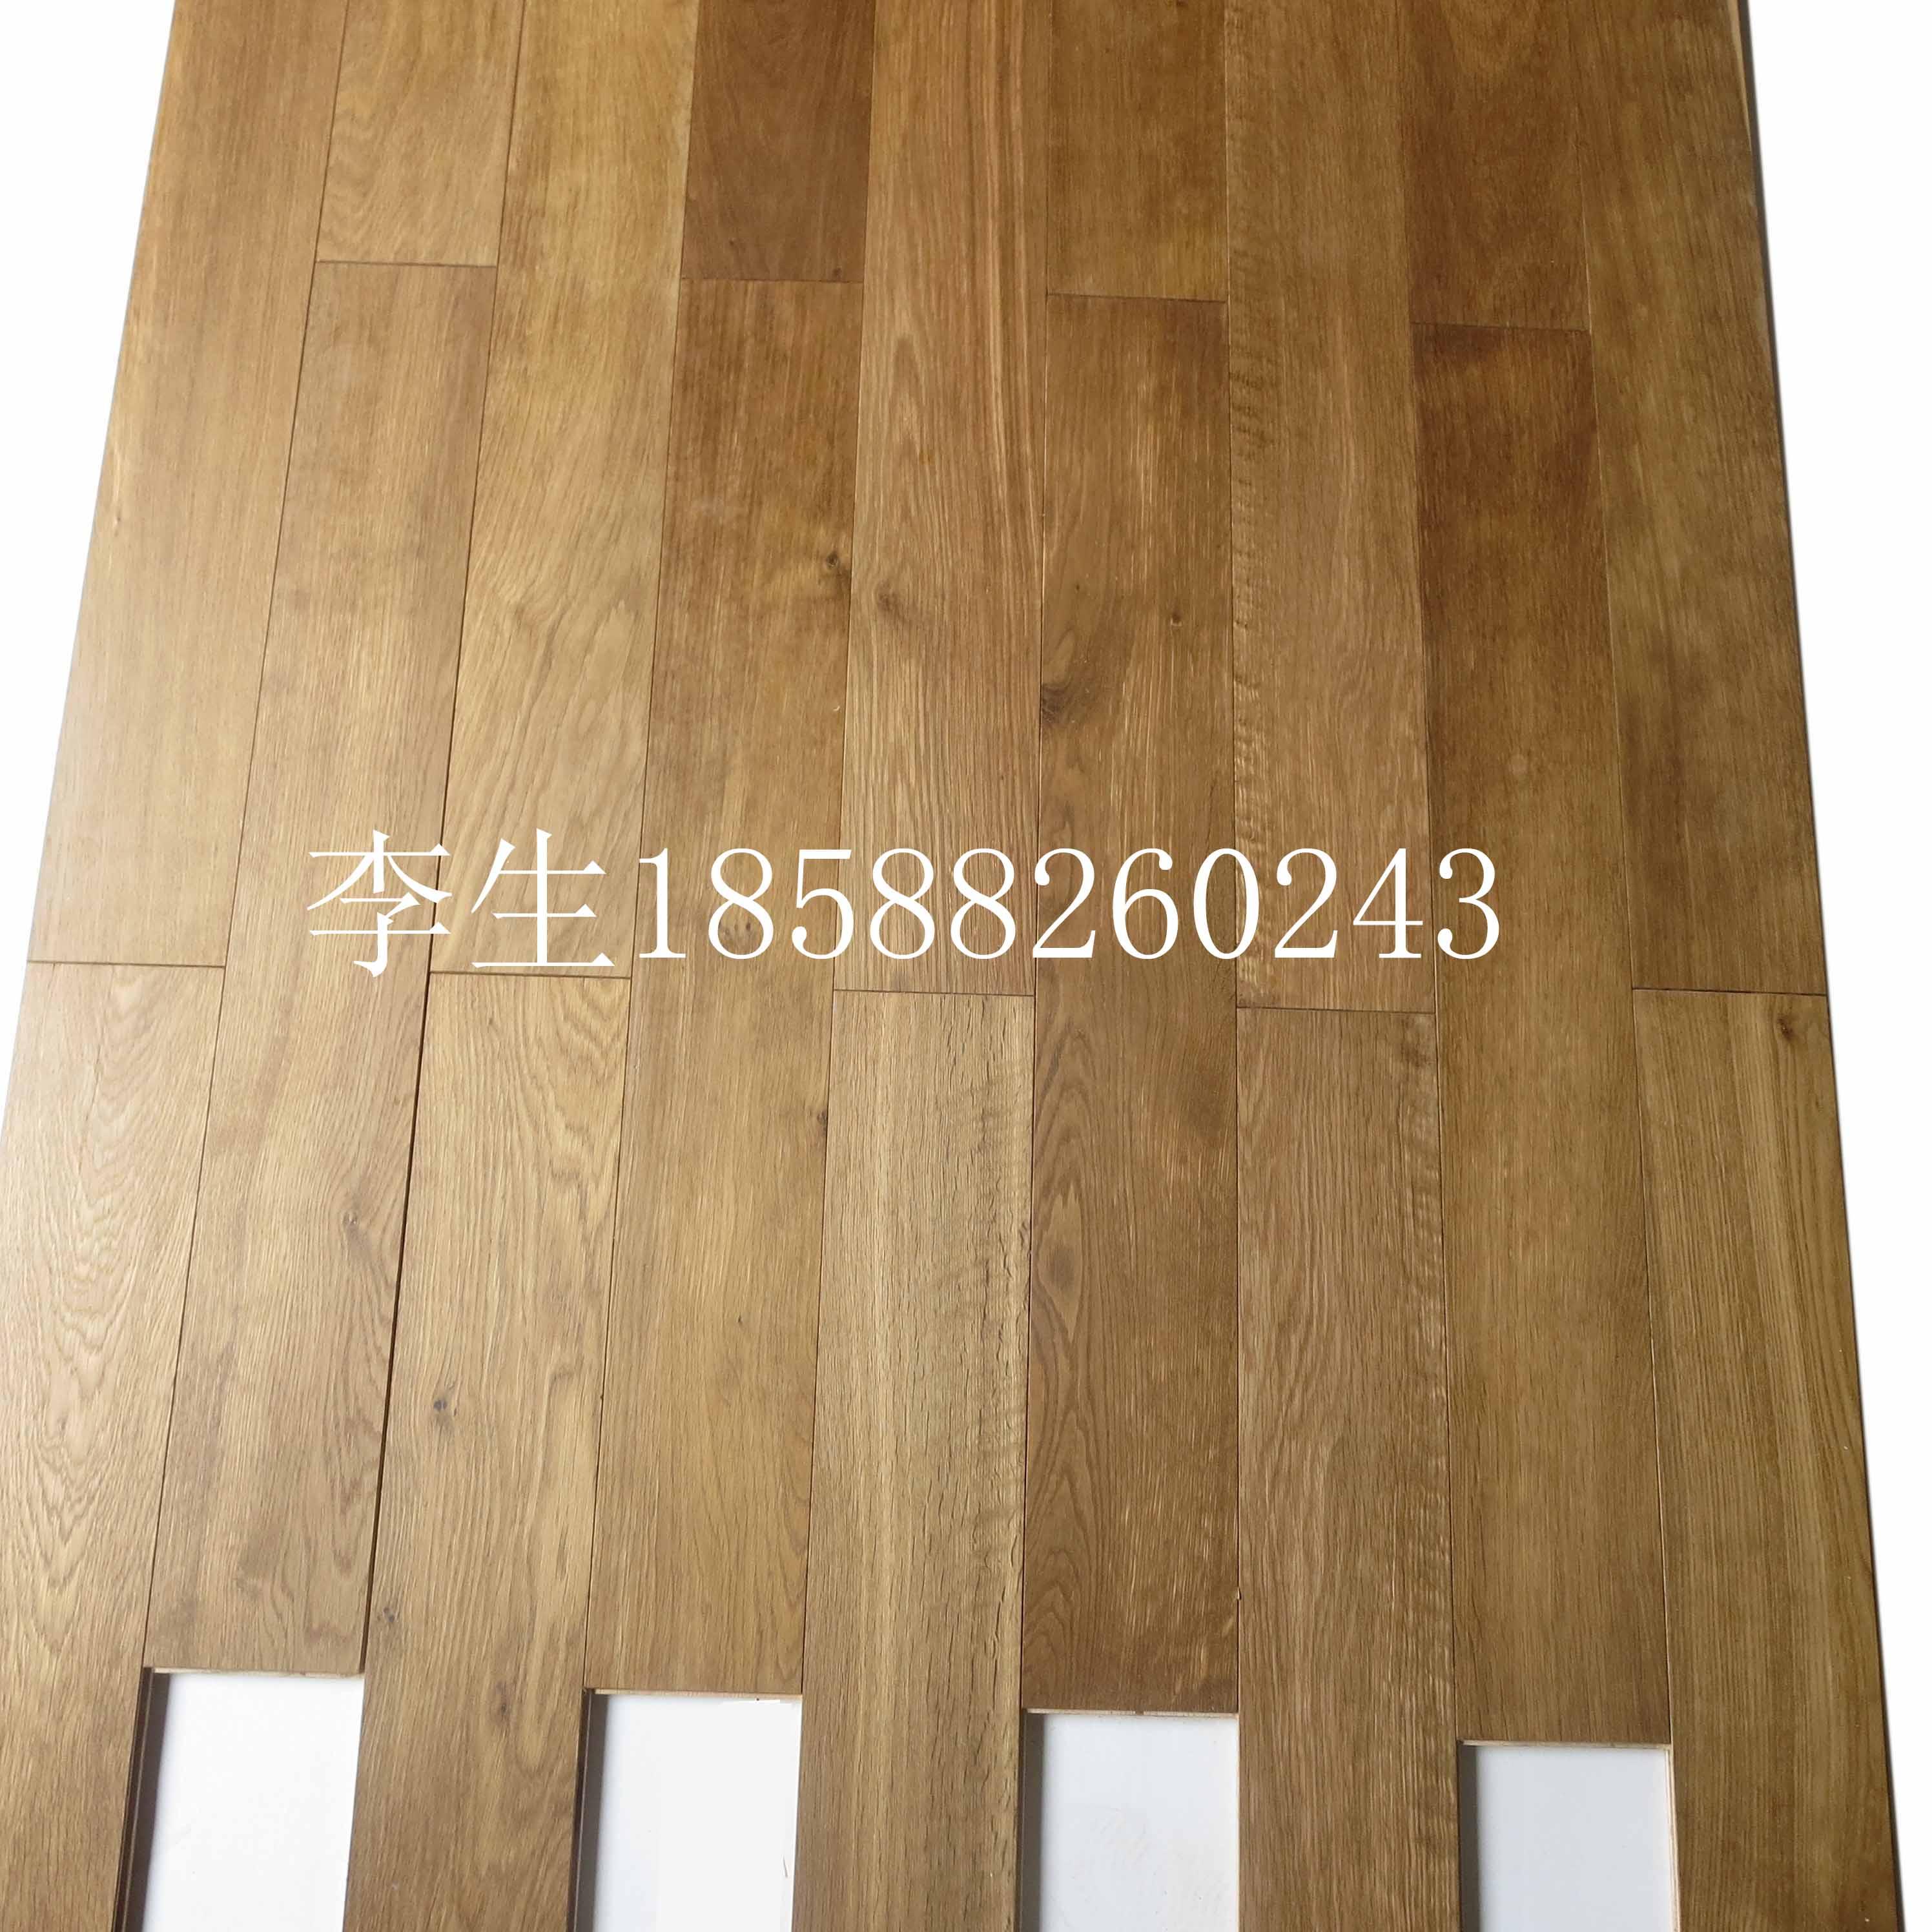 欧洲橡木烟熏地板棕色烟熏多层地板报价